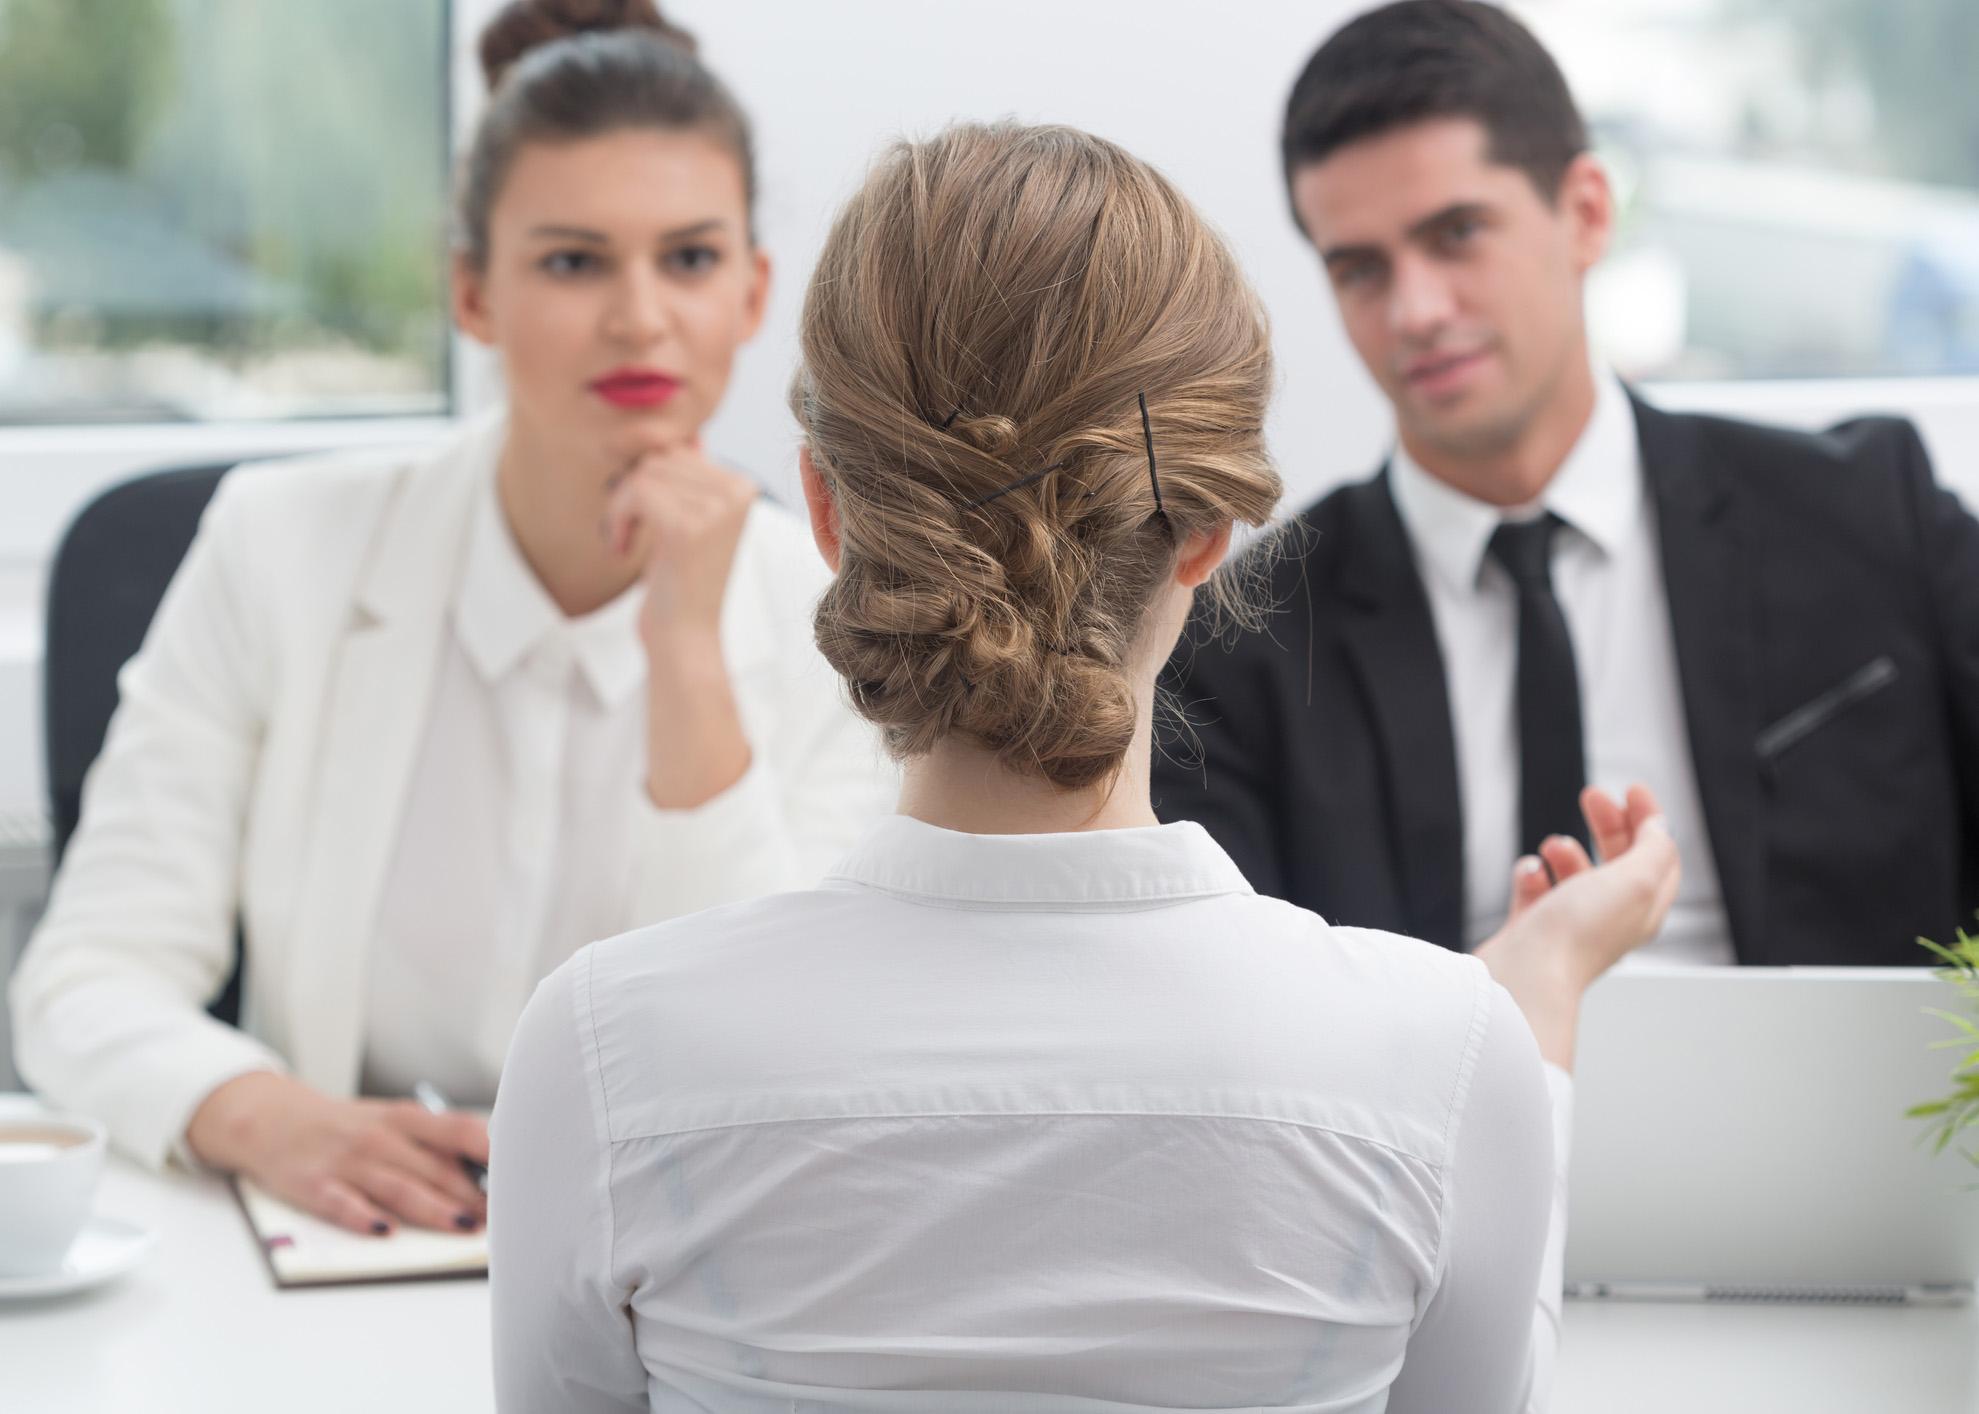 jovem em entrevista de emprego